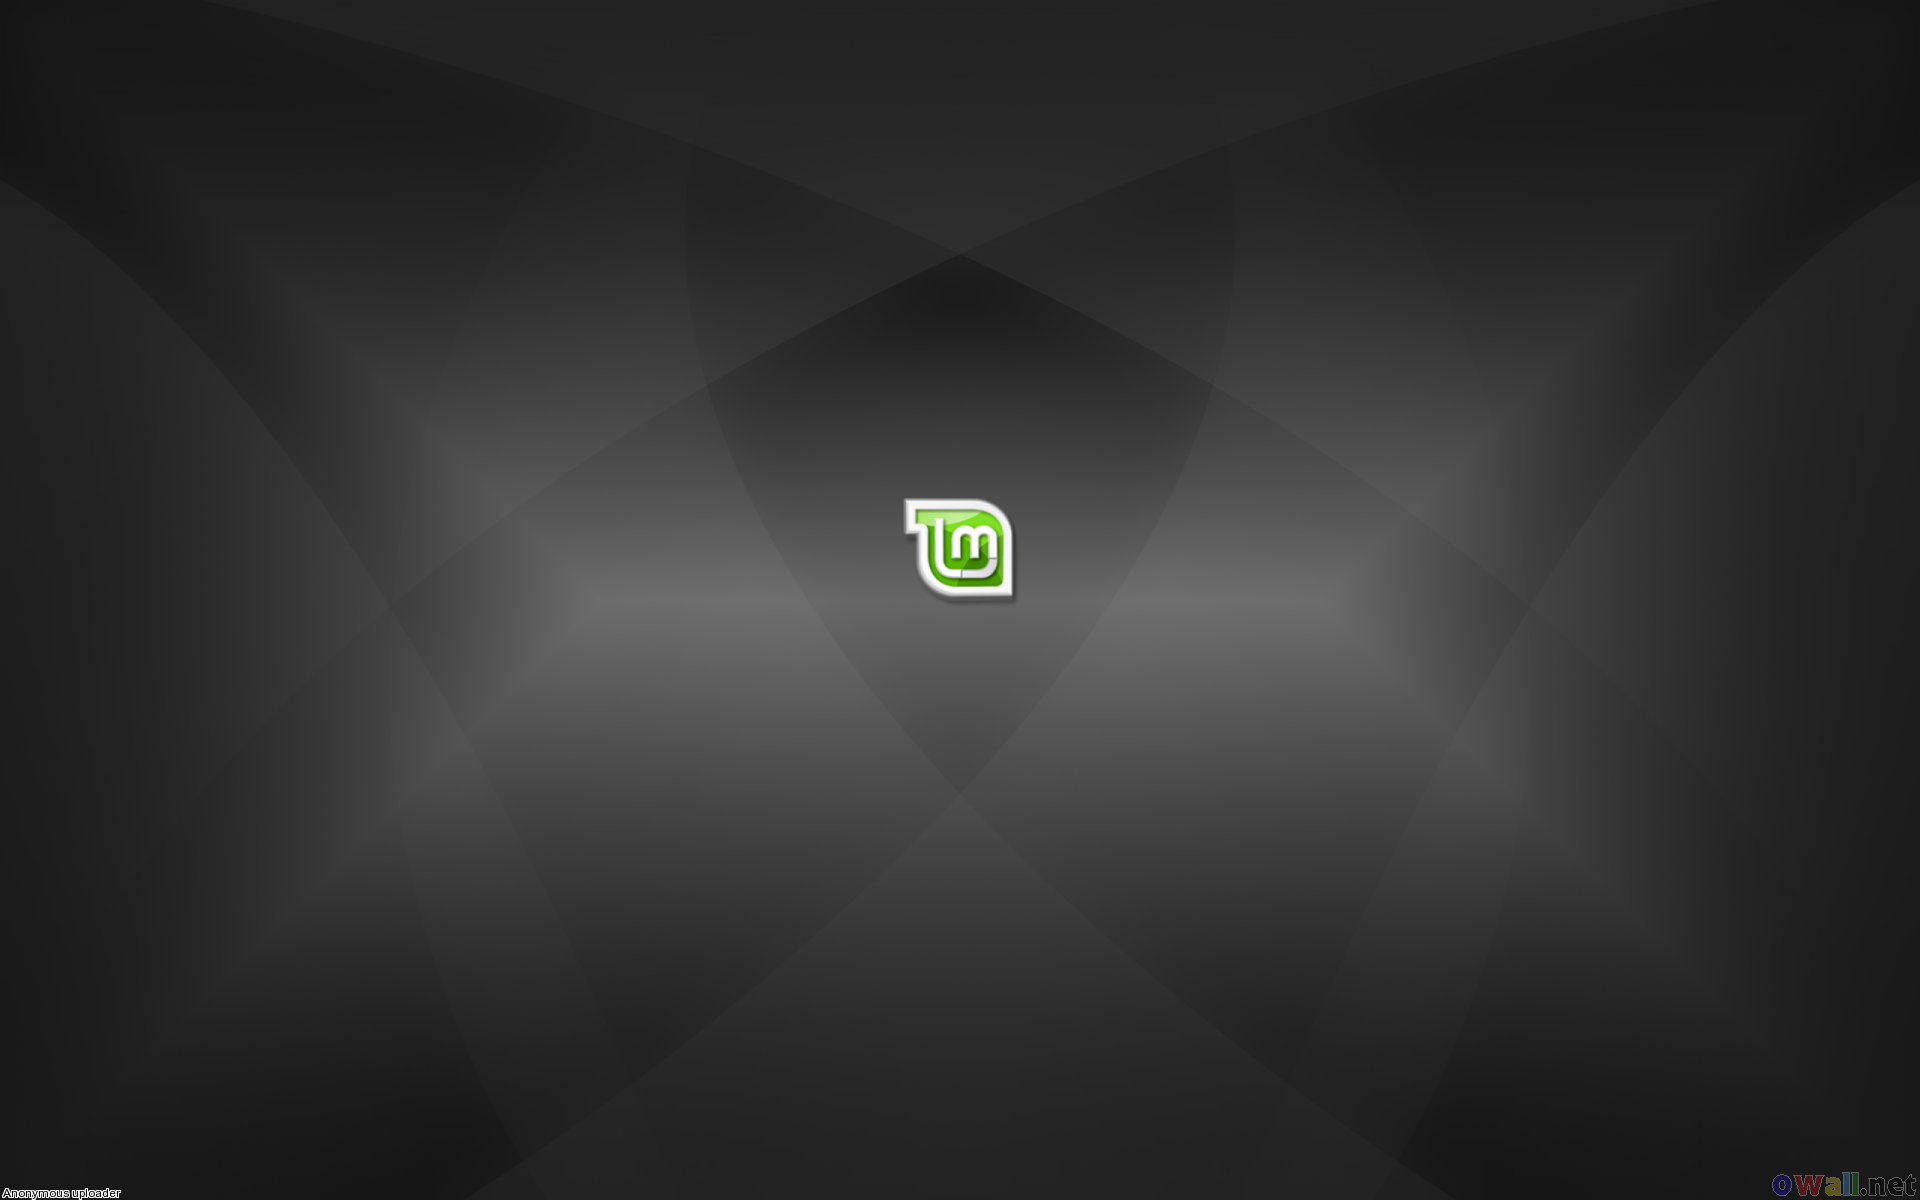 Linux Mint 1920x1200